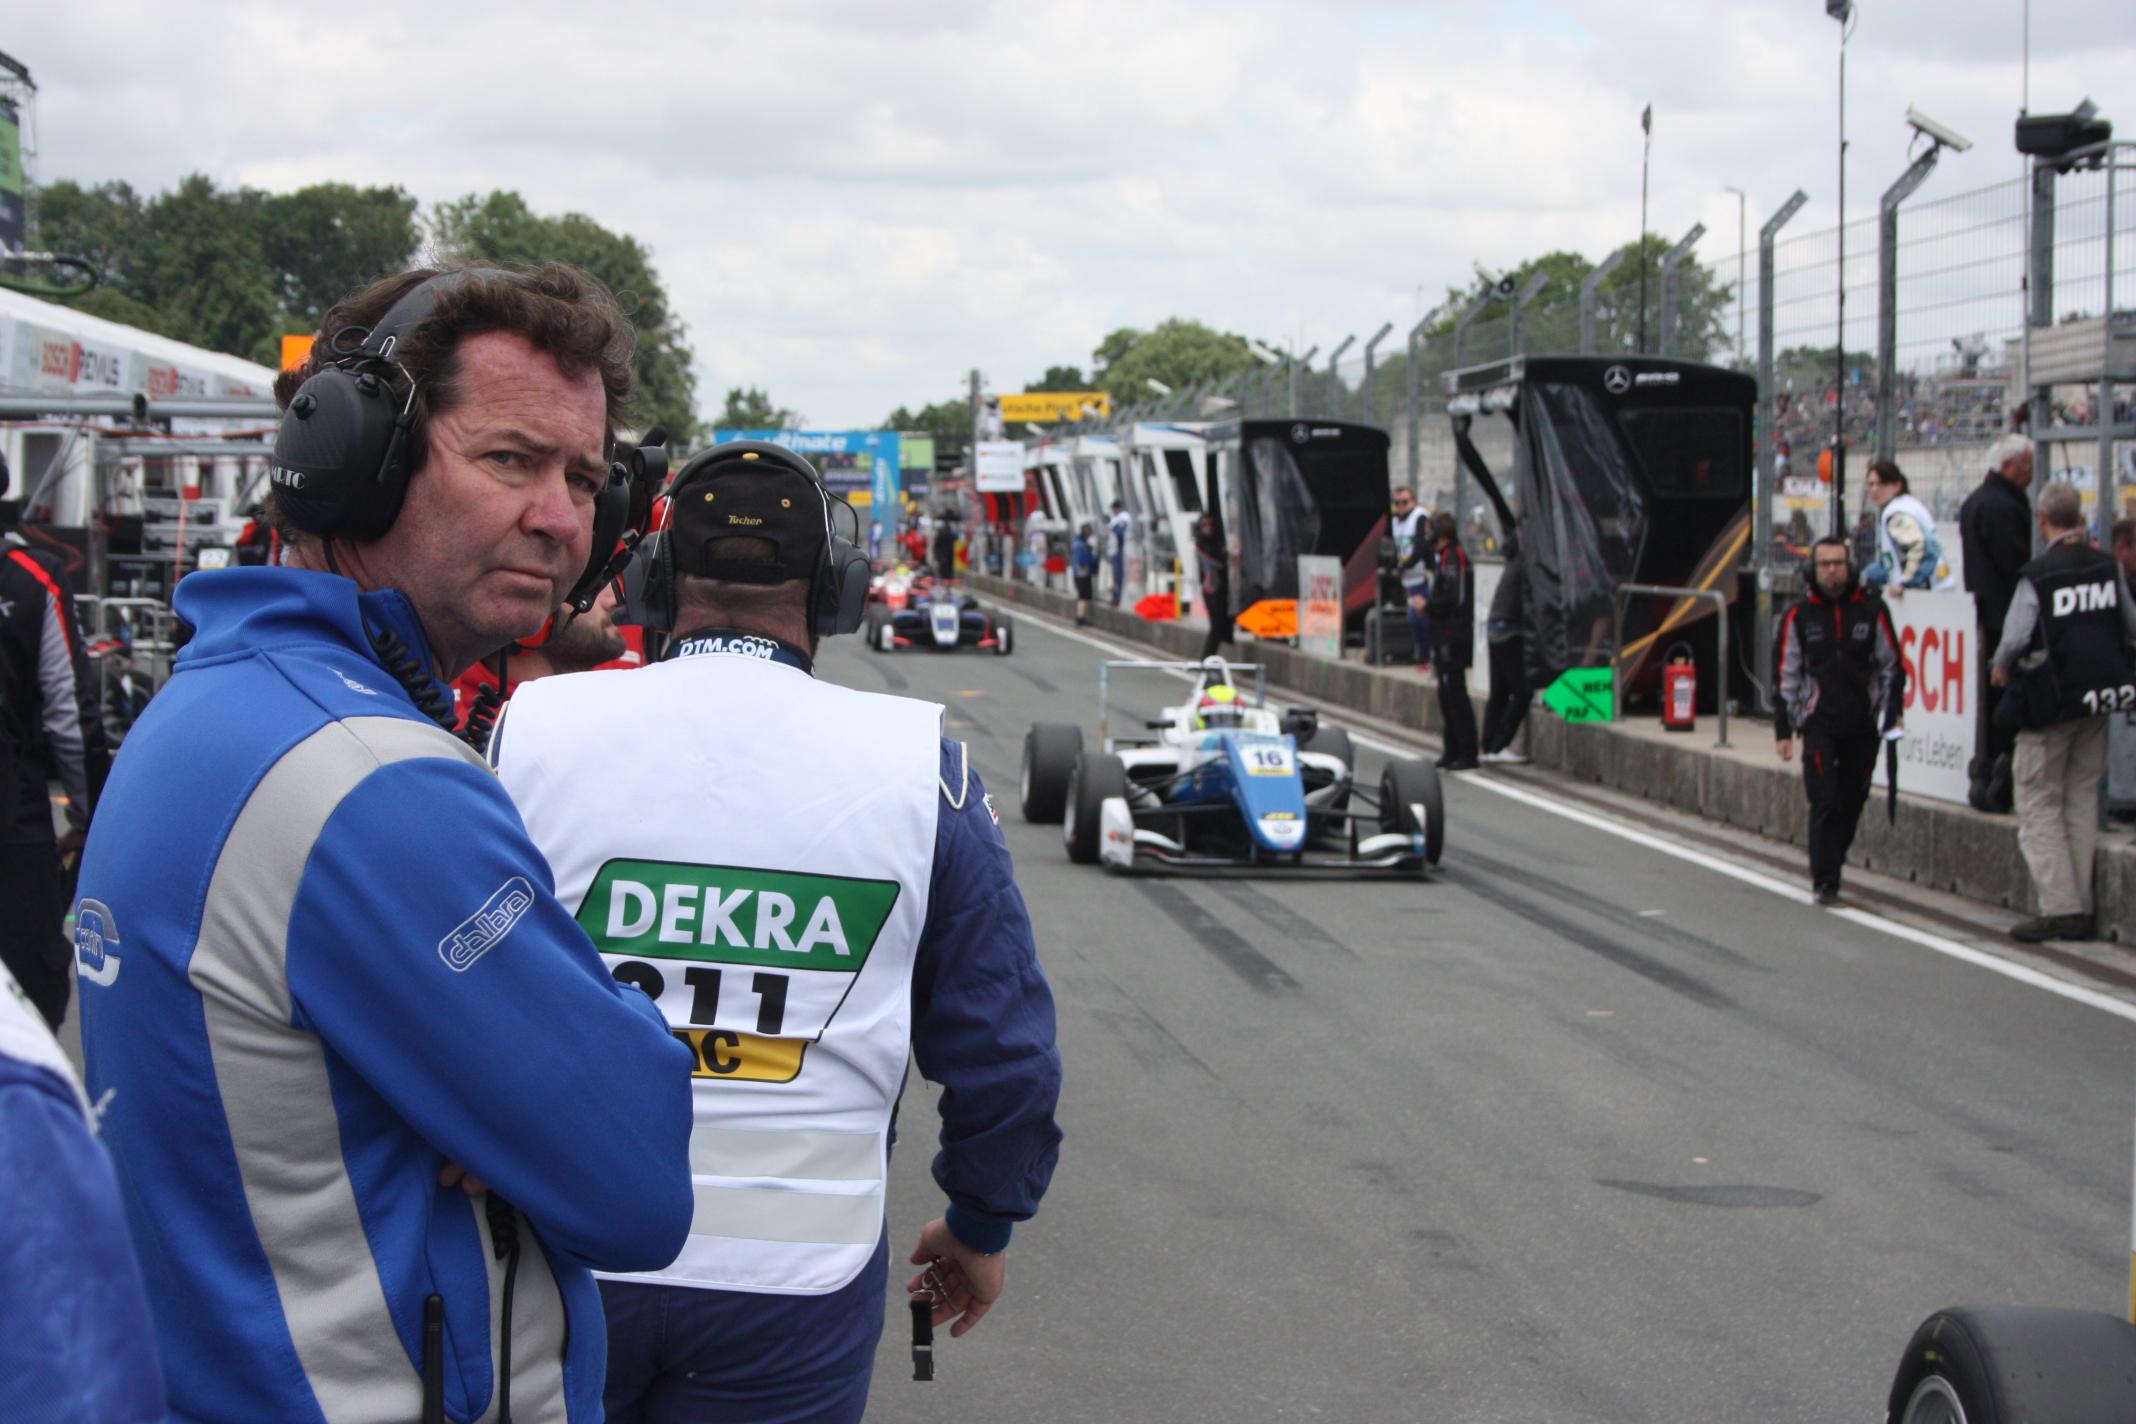 Britský majitel stáje Trevor Carlin má roku 2018 obrovský program: Jeho vozy nejezdí pouze ve Formuli 3, ale i ve Formuli 2 a v IndyCarech!